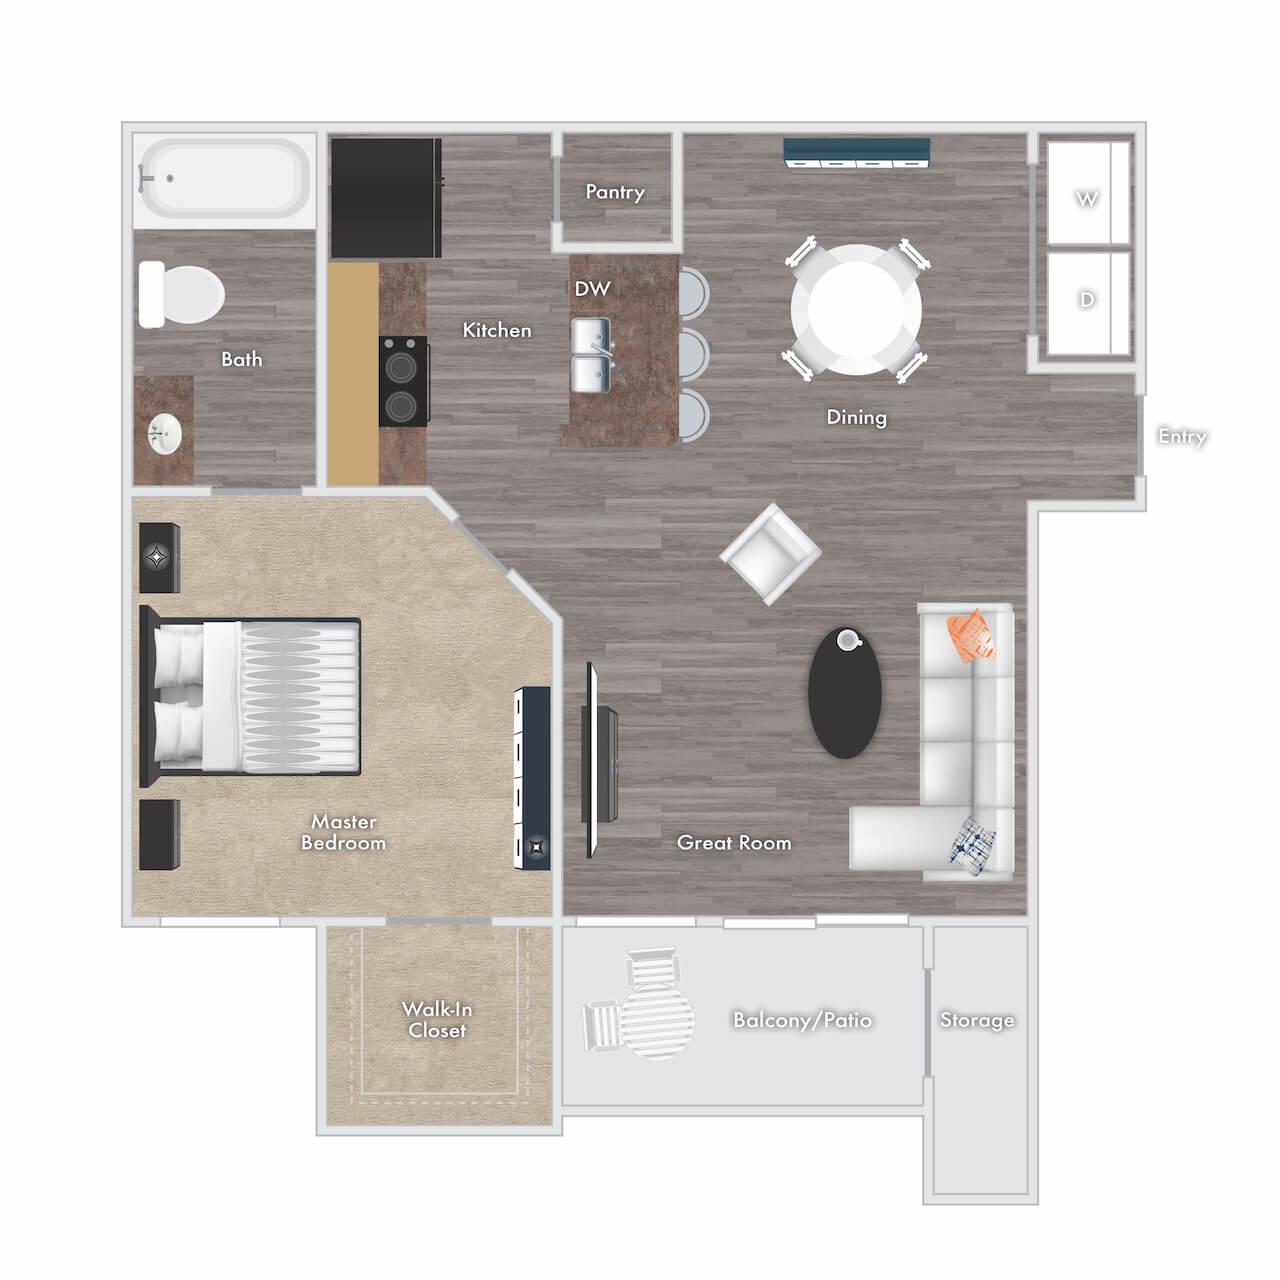 Spacious Apartment Floor Plans In